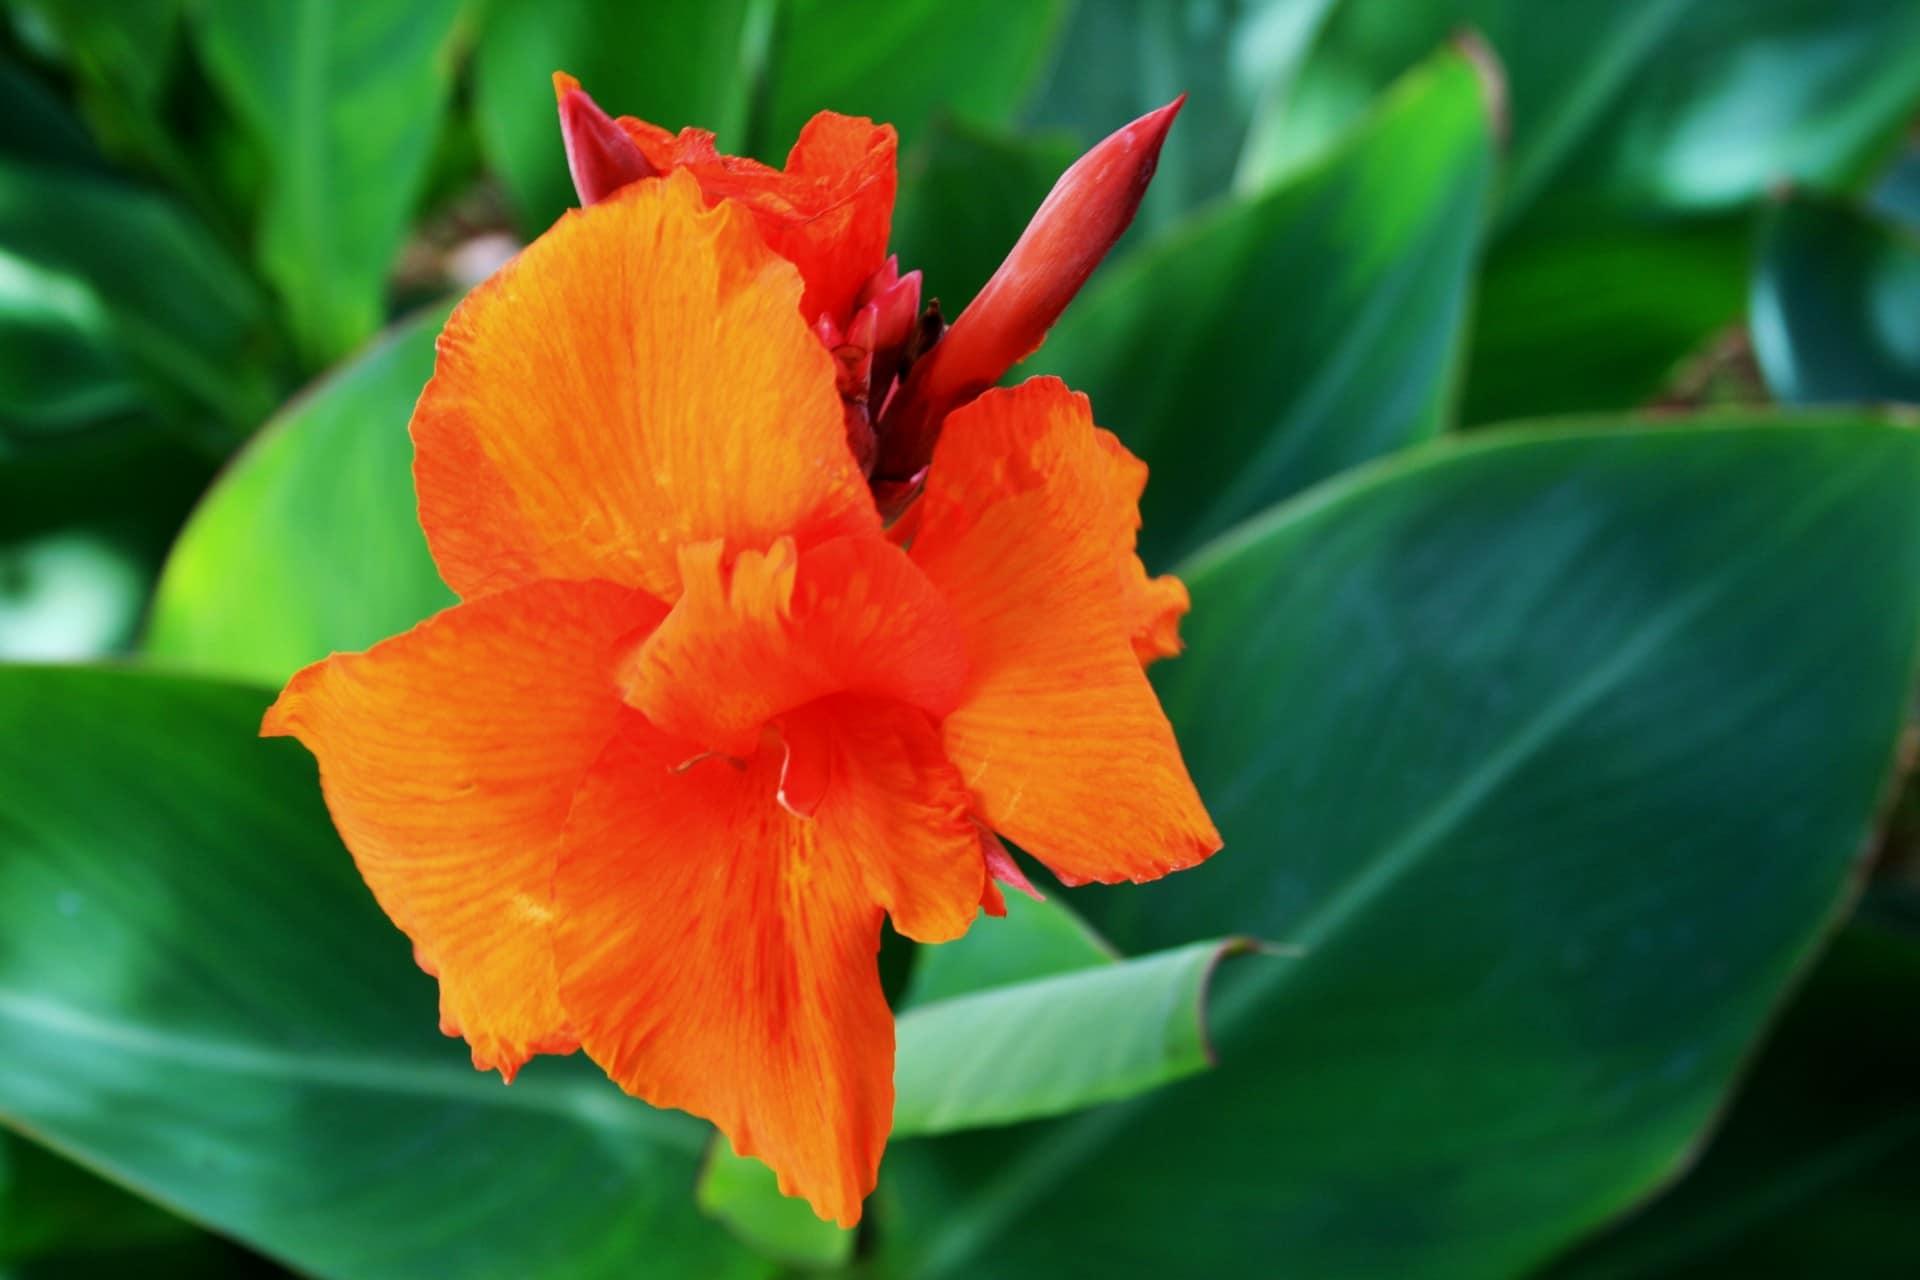 La caña de las Indicas es una planta que produce flores naranjas